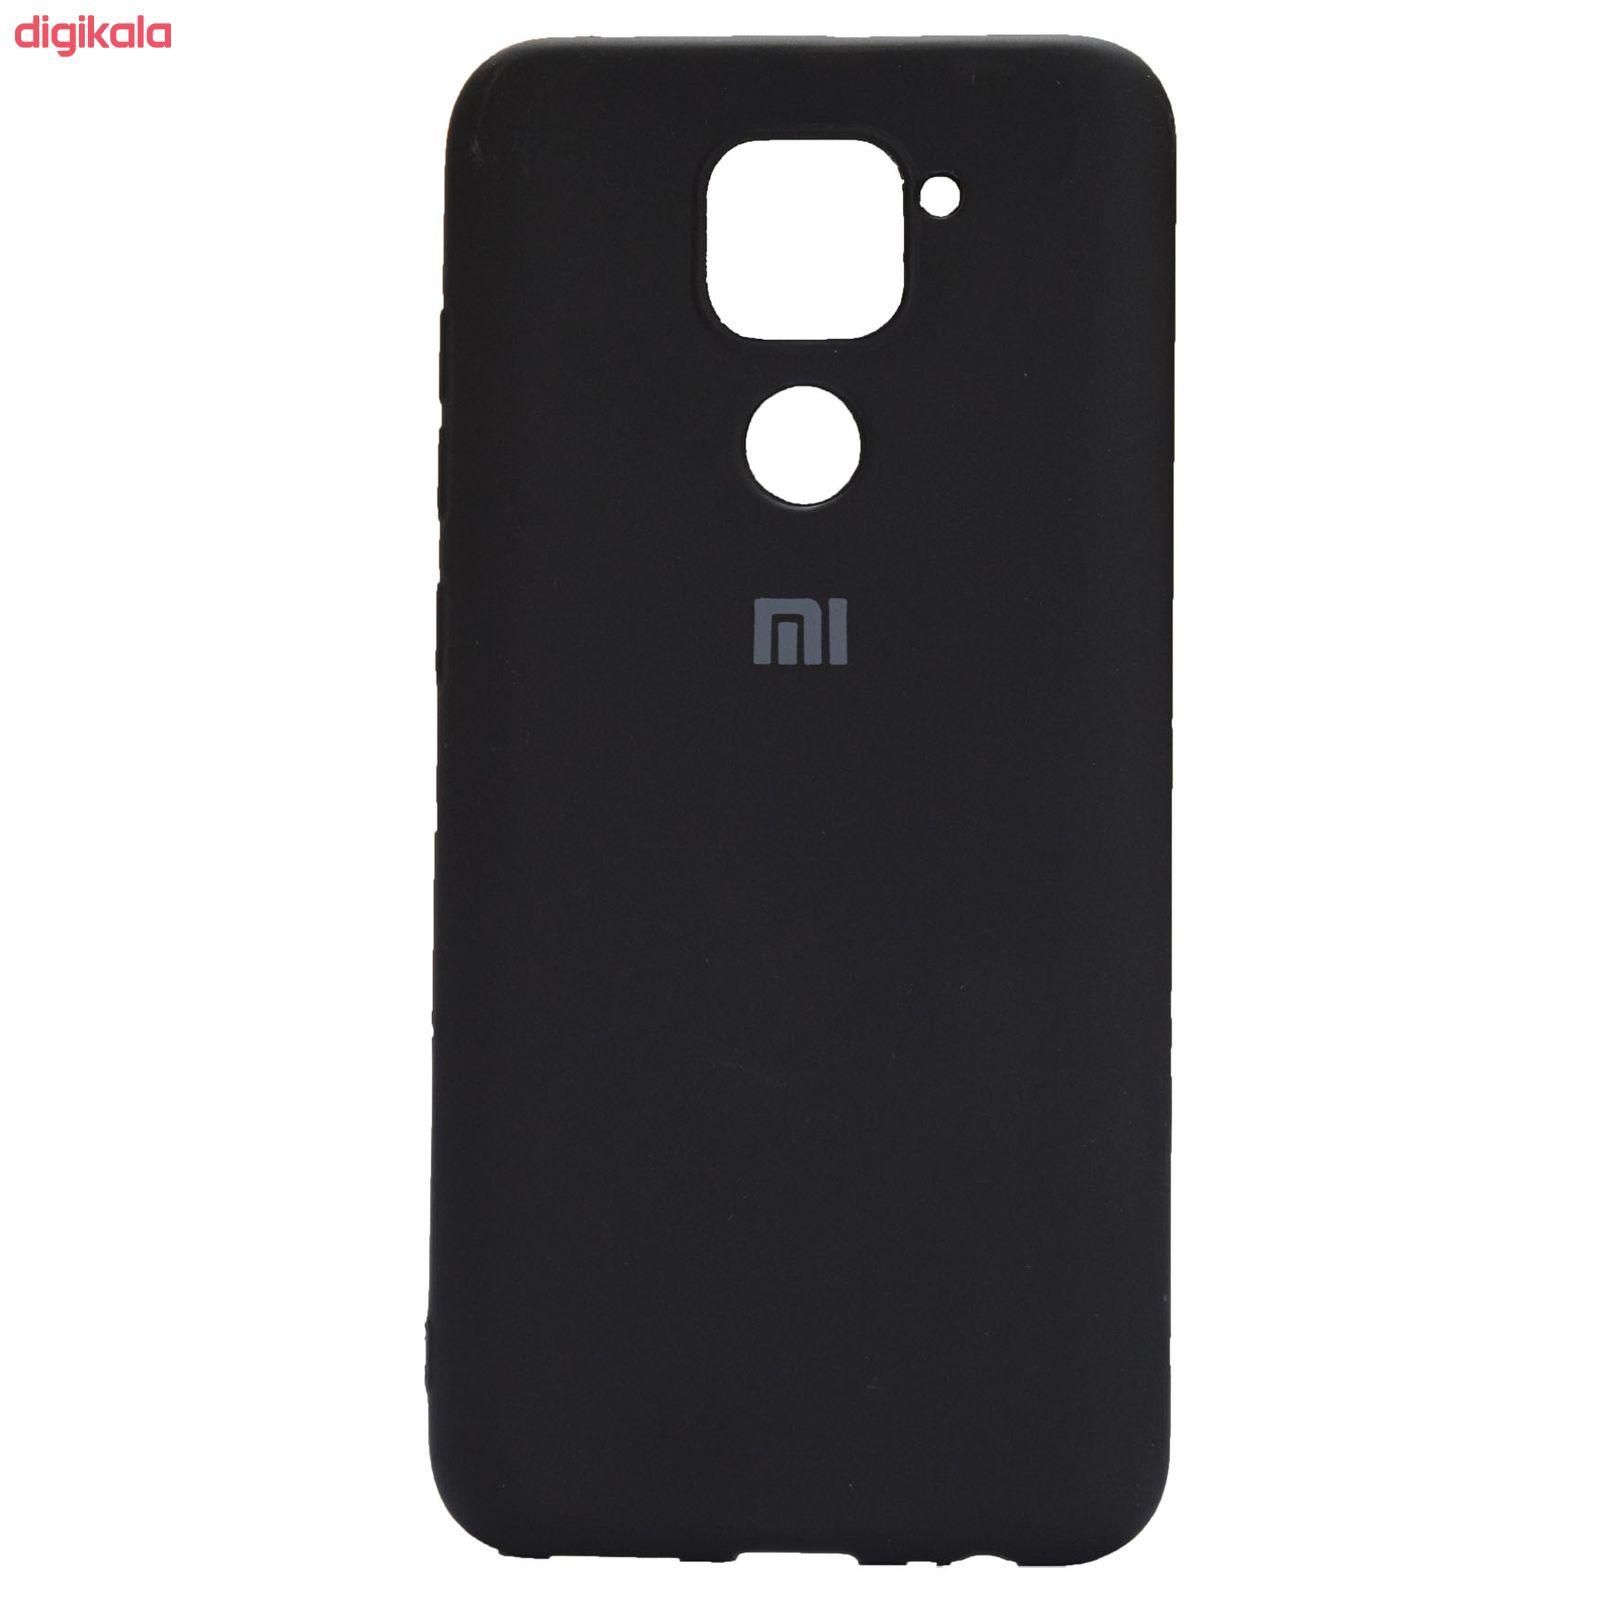 کاور مدل TP20 مناسب برای گوشی موبایل شیائومی Redmi Note 9 main 1 4